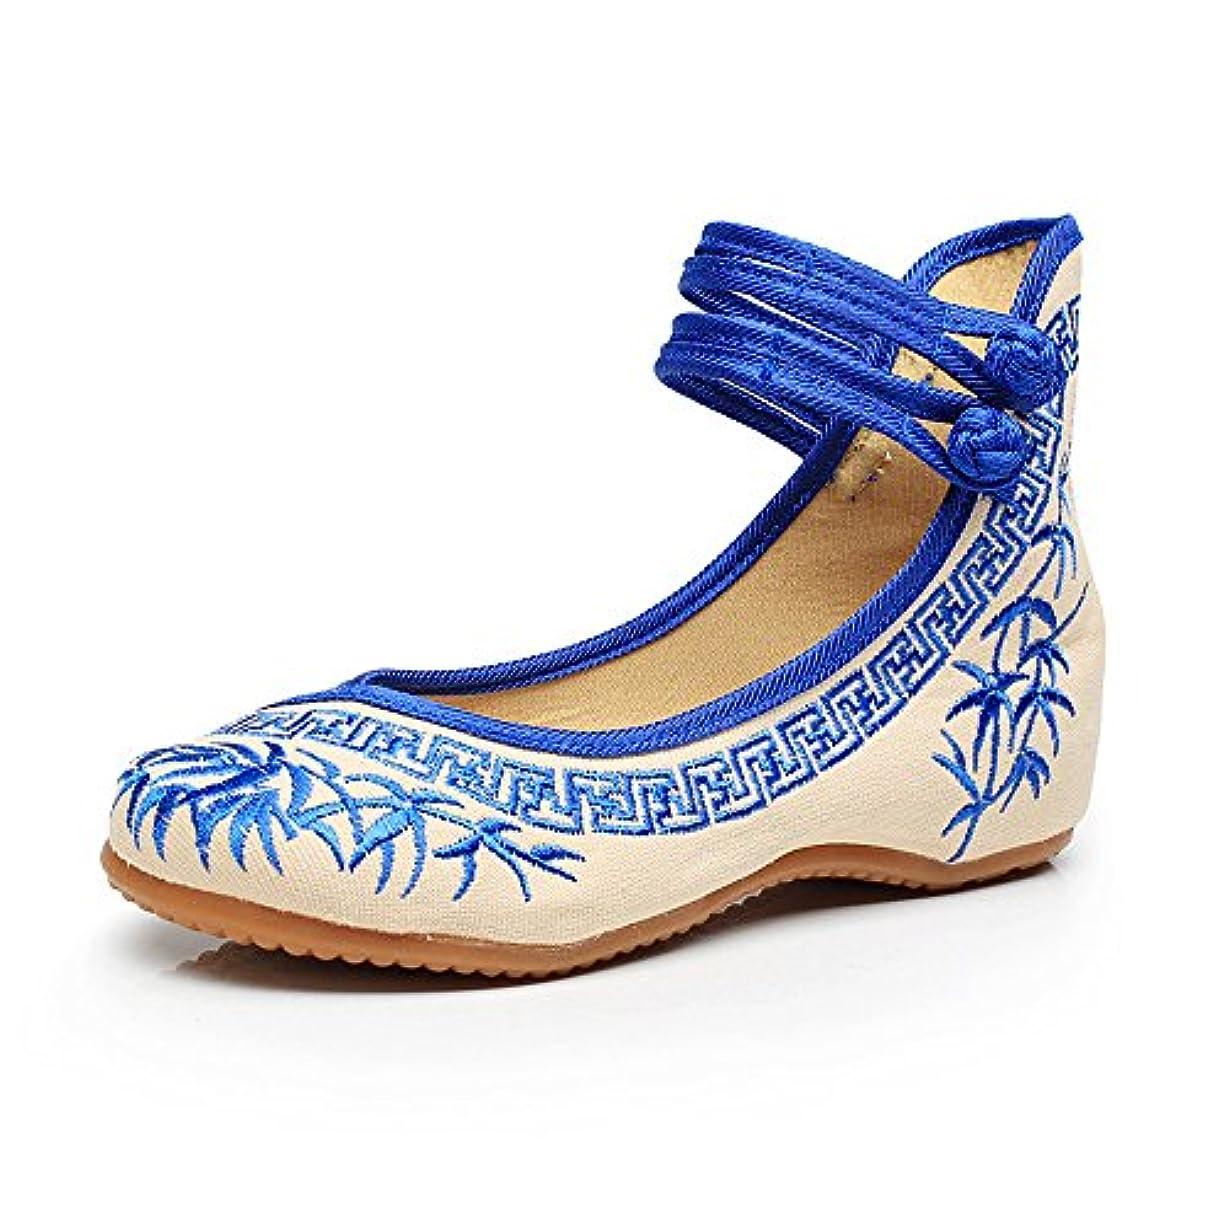 レタッチビバレプリカ[Fanwer] 竹刺繍女性の靴中国のカジュアルなフラットソールメアリーJanes靴